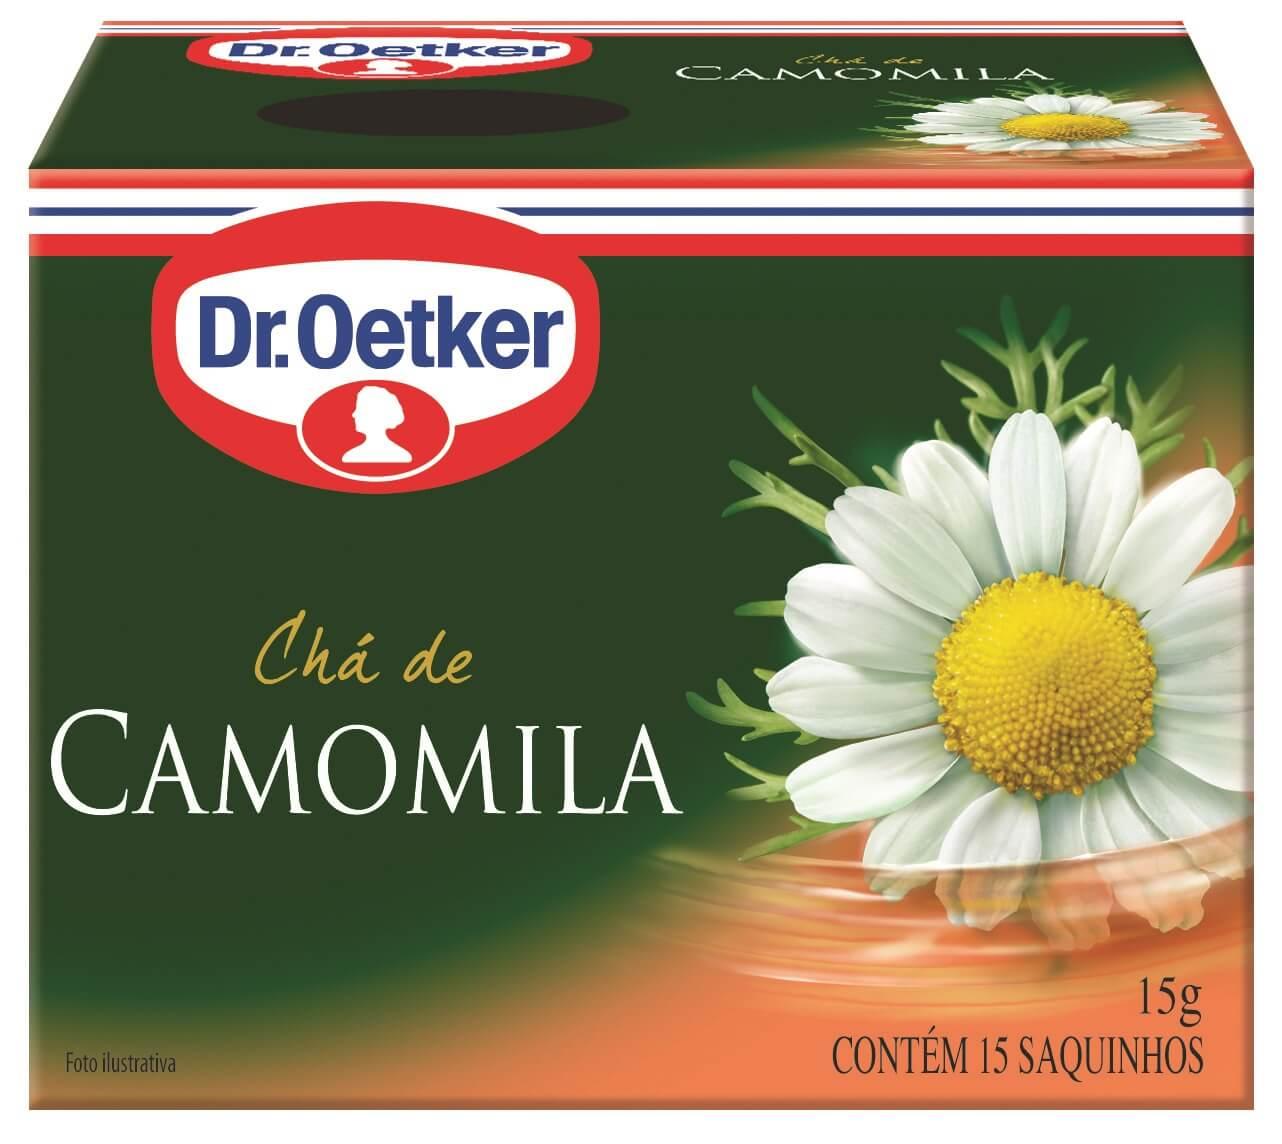 CHÁ DE CAMOMILA - DR. OETKER - KIT COM 2 CAIXAS